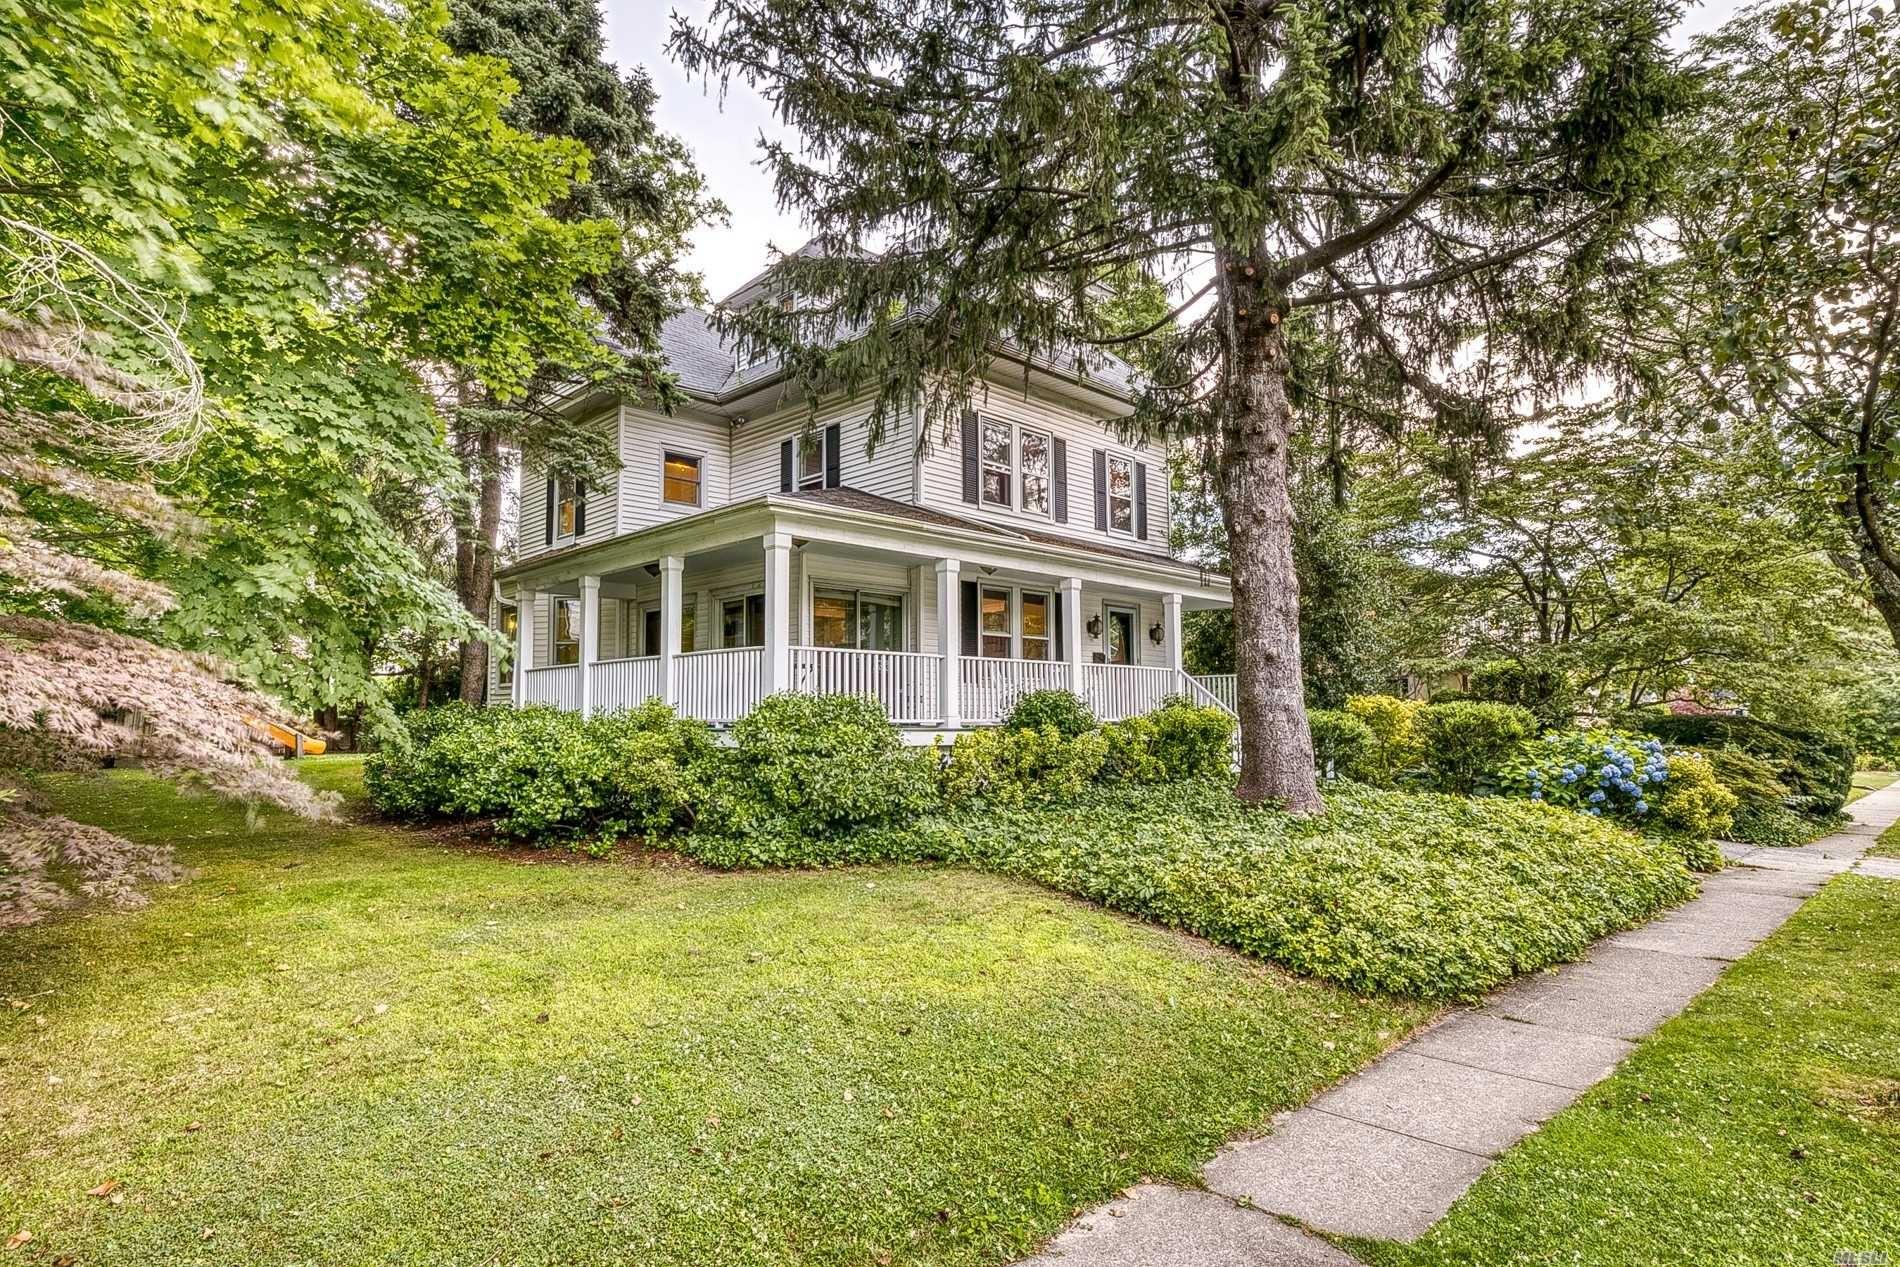 105 Murray Ave, Port Washington, NY 11050 - MLS#: 3231699